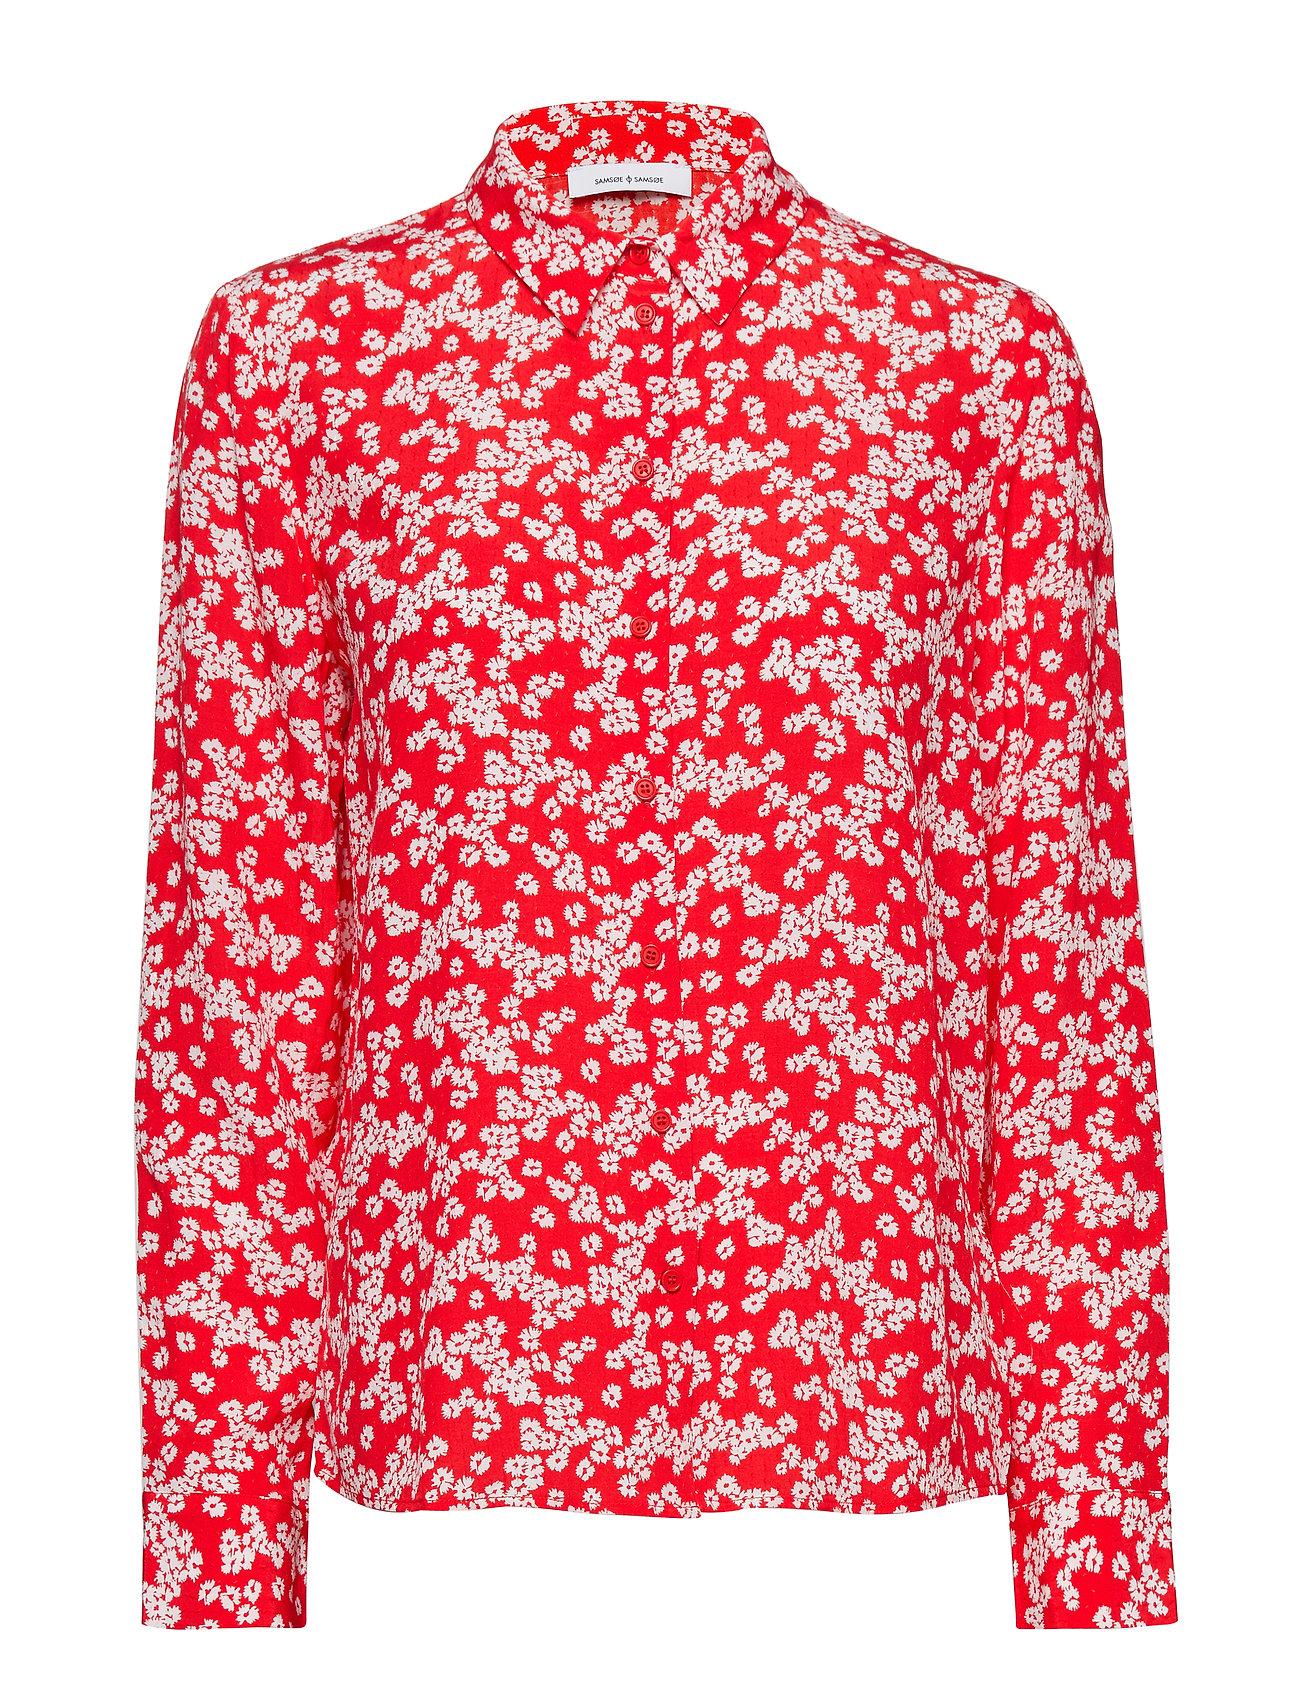 Samsøe & Samsøe Milly np shirt aop 10458